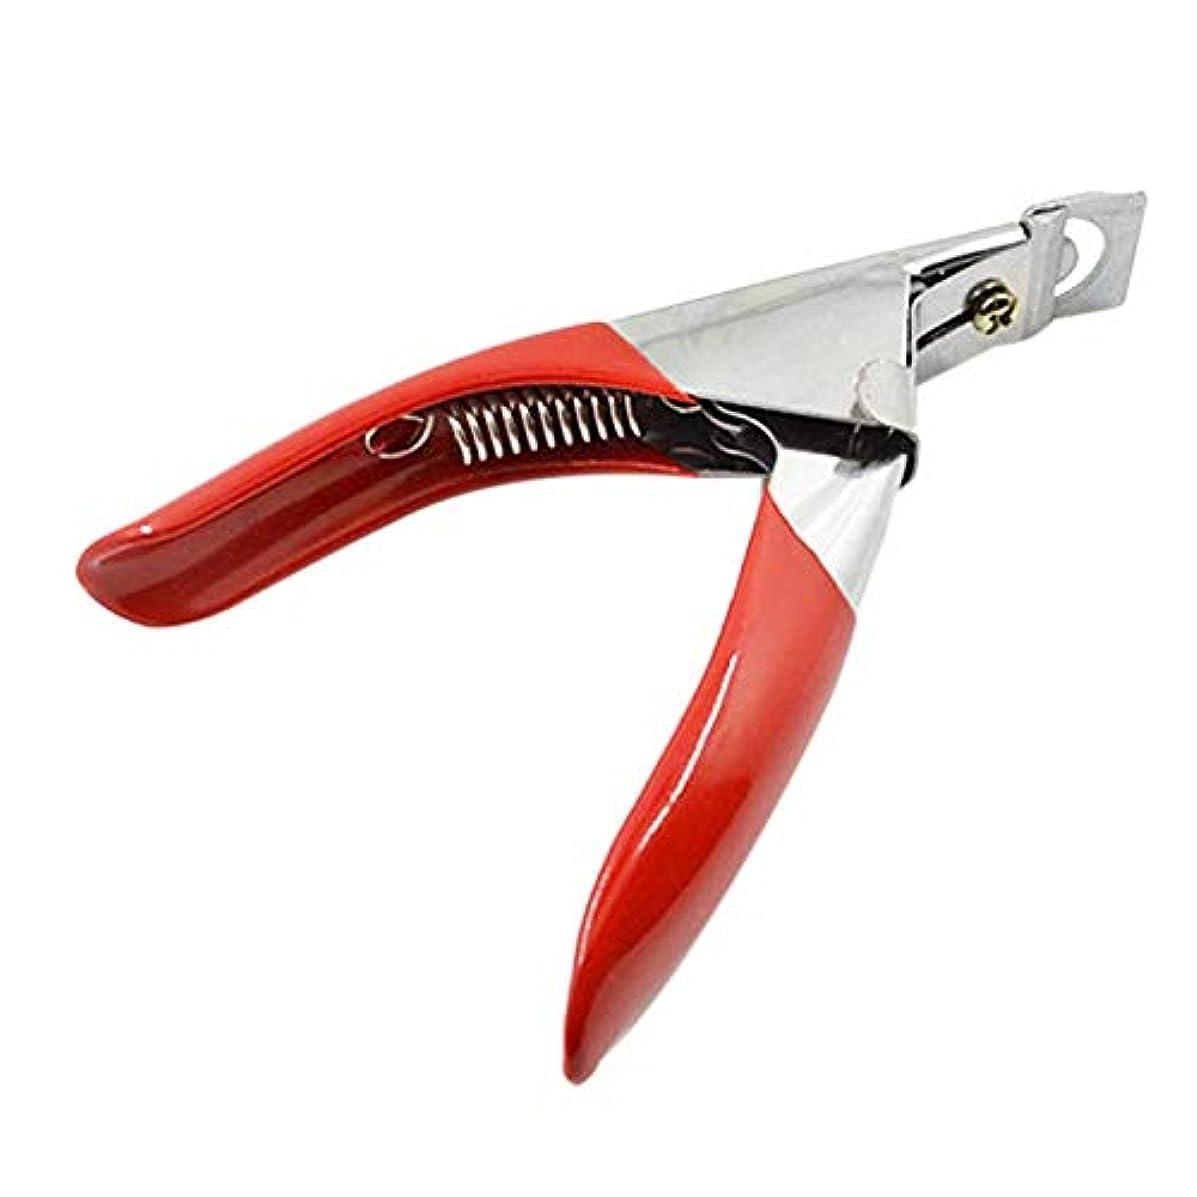 文庫本議会誓いSODIAL マニキュア、ネイルのはさみ、カット、フランス語の言葉、偽爪のはさみ、カット用マニキュアのツール